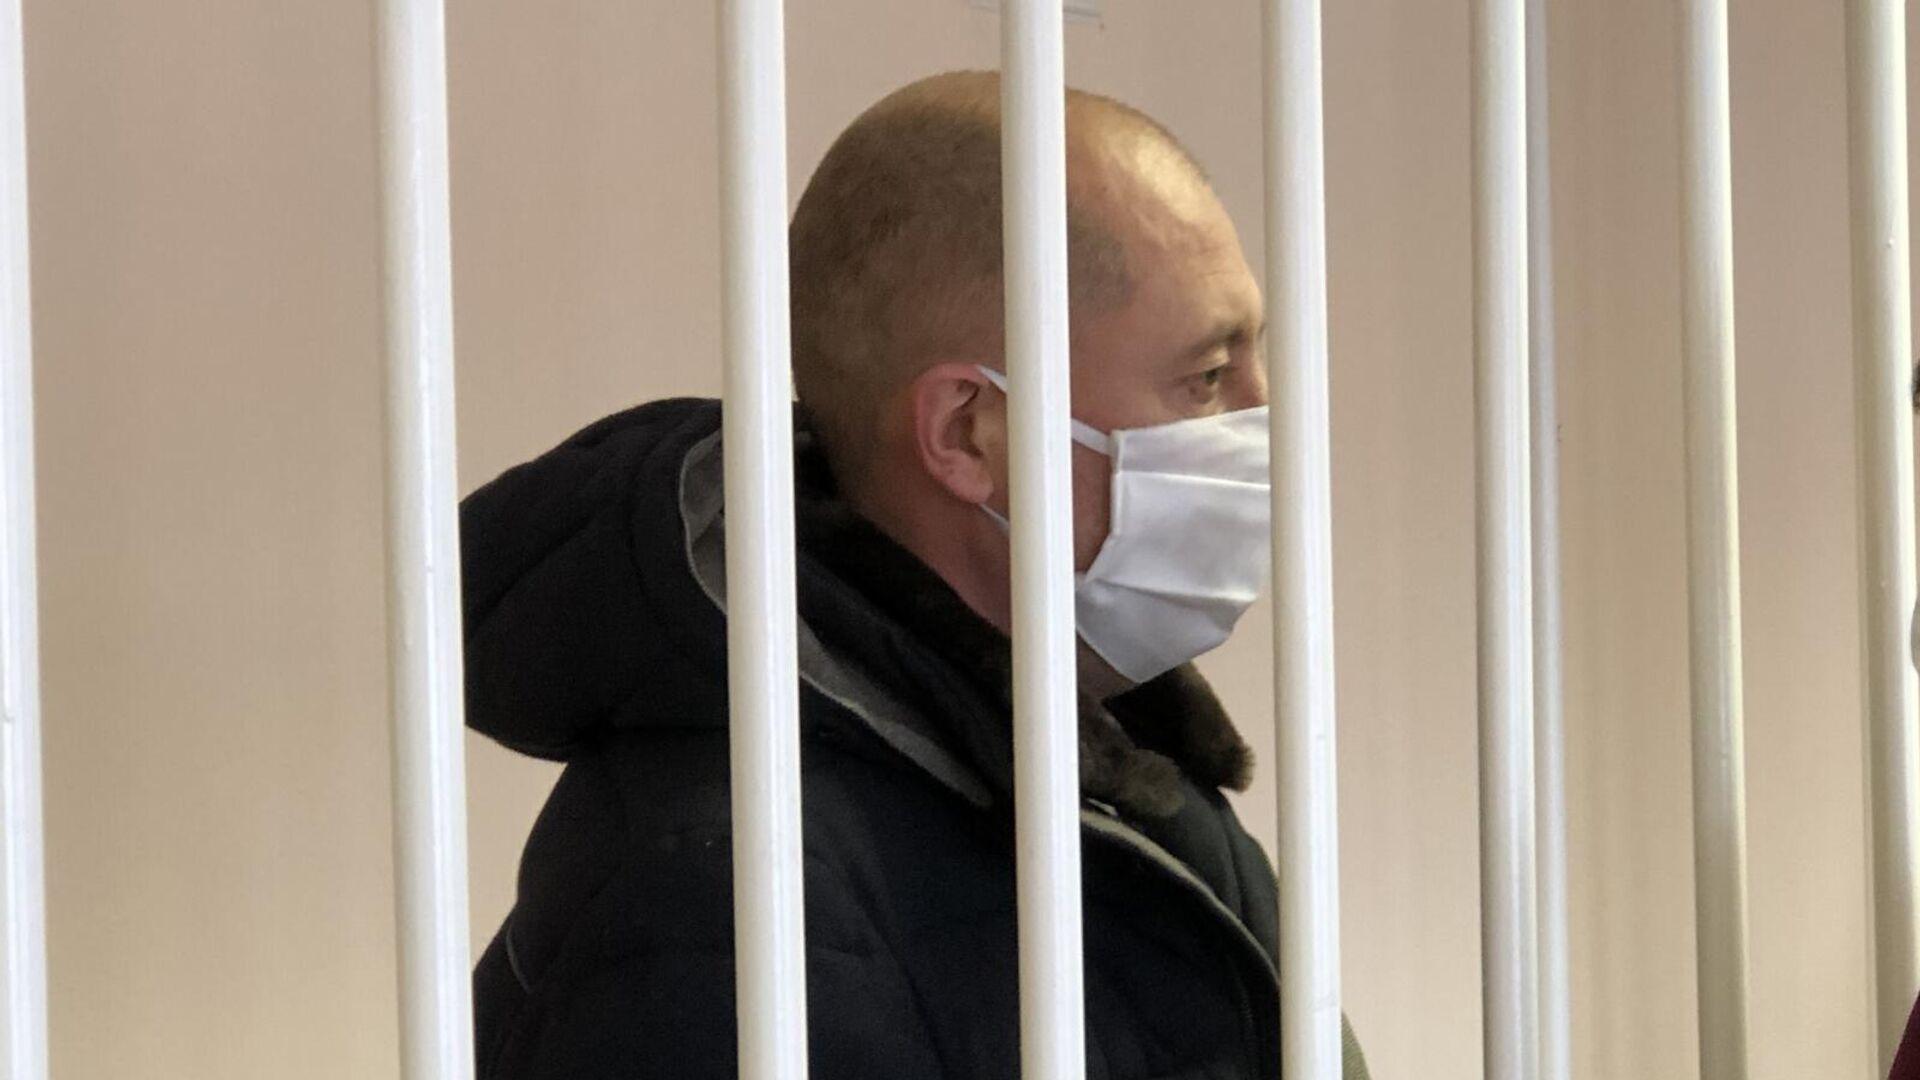 Житель Омска, обвиняемый в избиении детей, в суде - РИА Новости, 1920, 02.02.2021